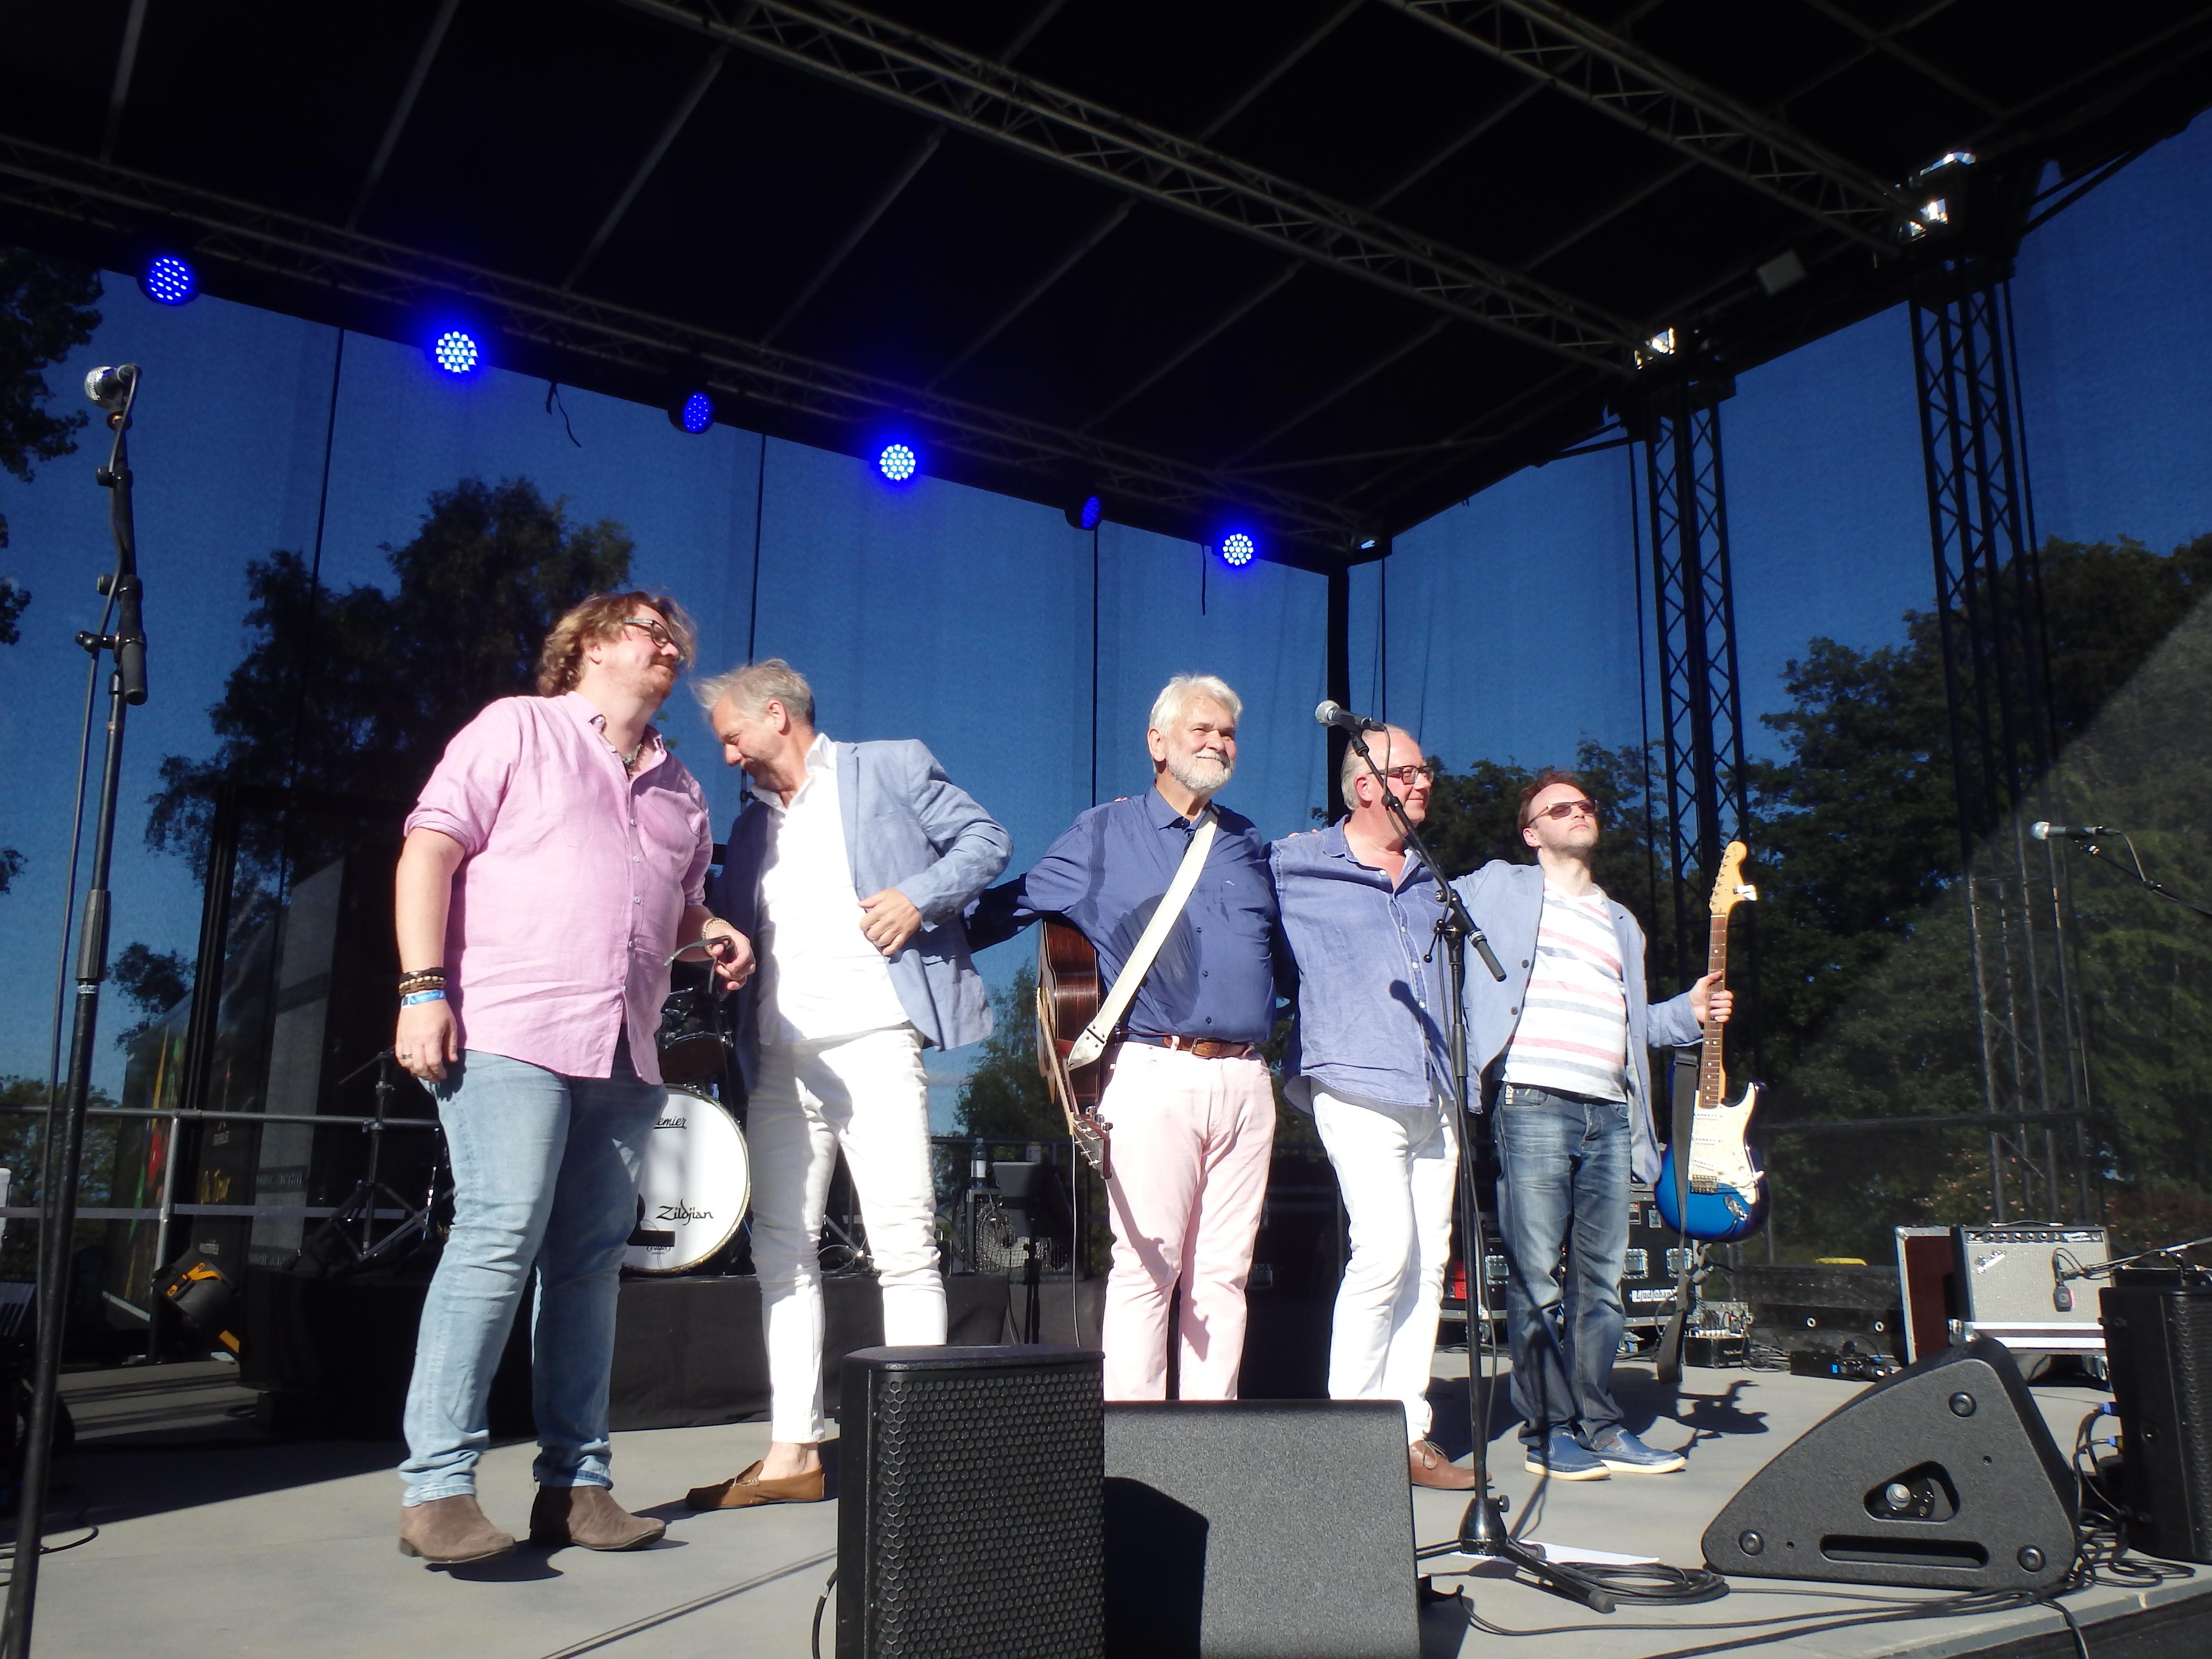 Hasse och bandet tackar för sig - Foto: Belinda Graham